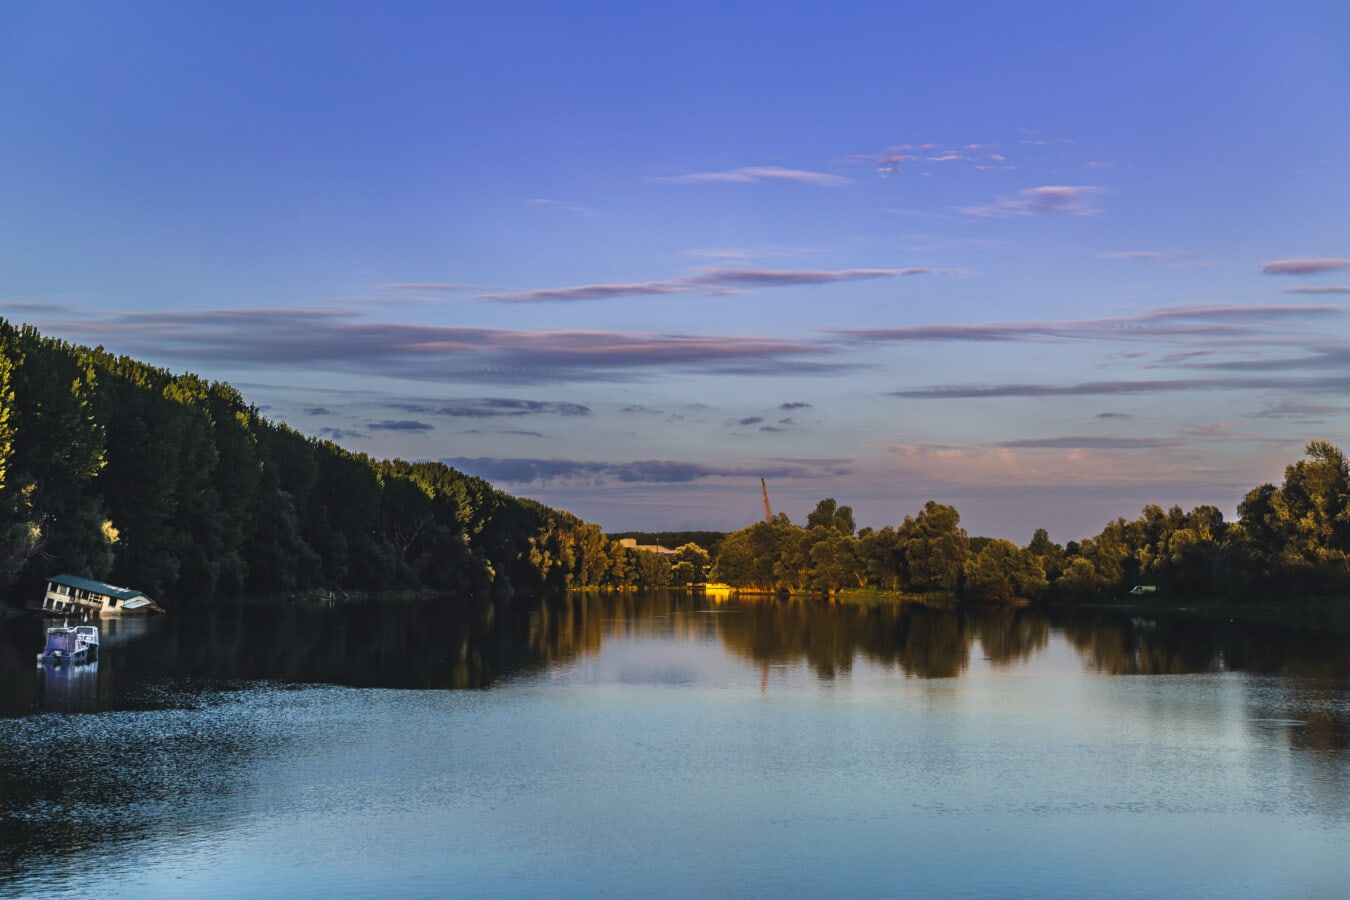 au bord du lac, soirée, rive, Lac, eau, paysage, réflexion, coucher de soleil, aube, nature